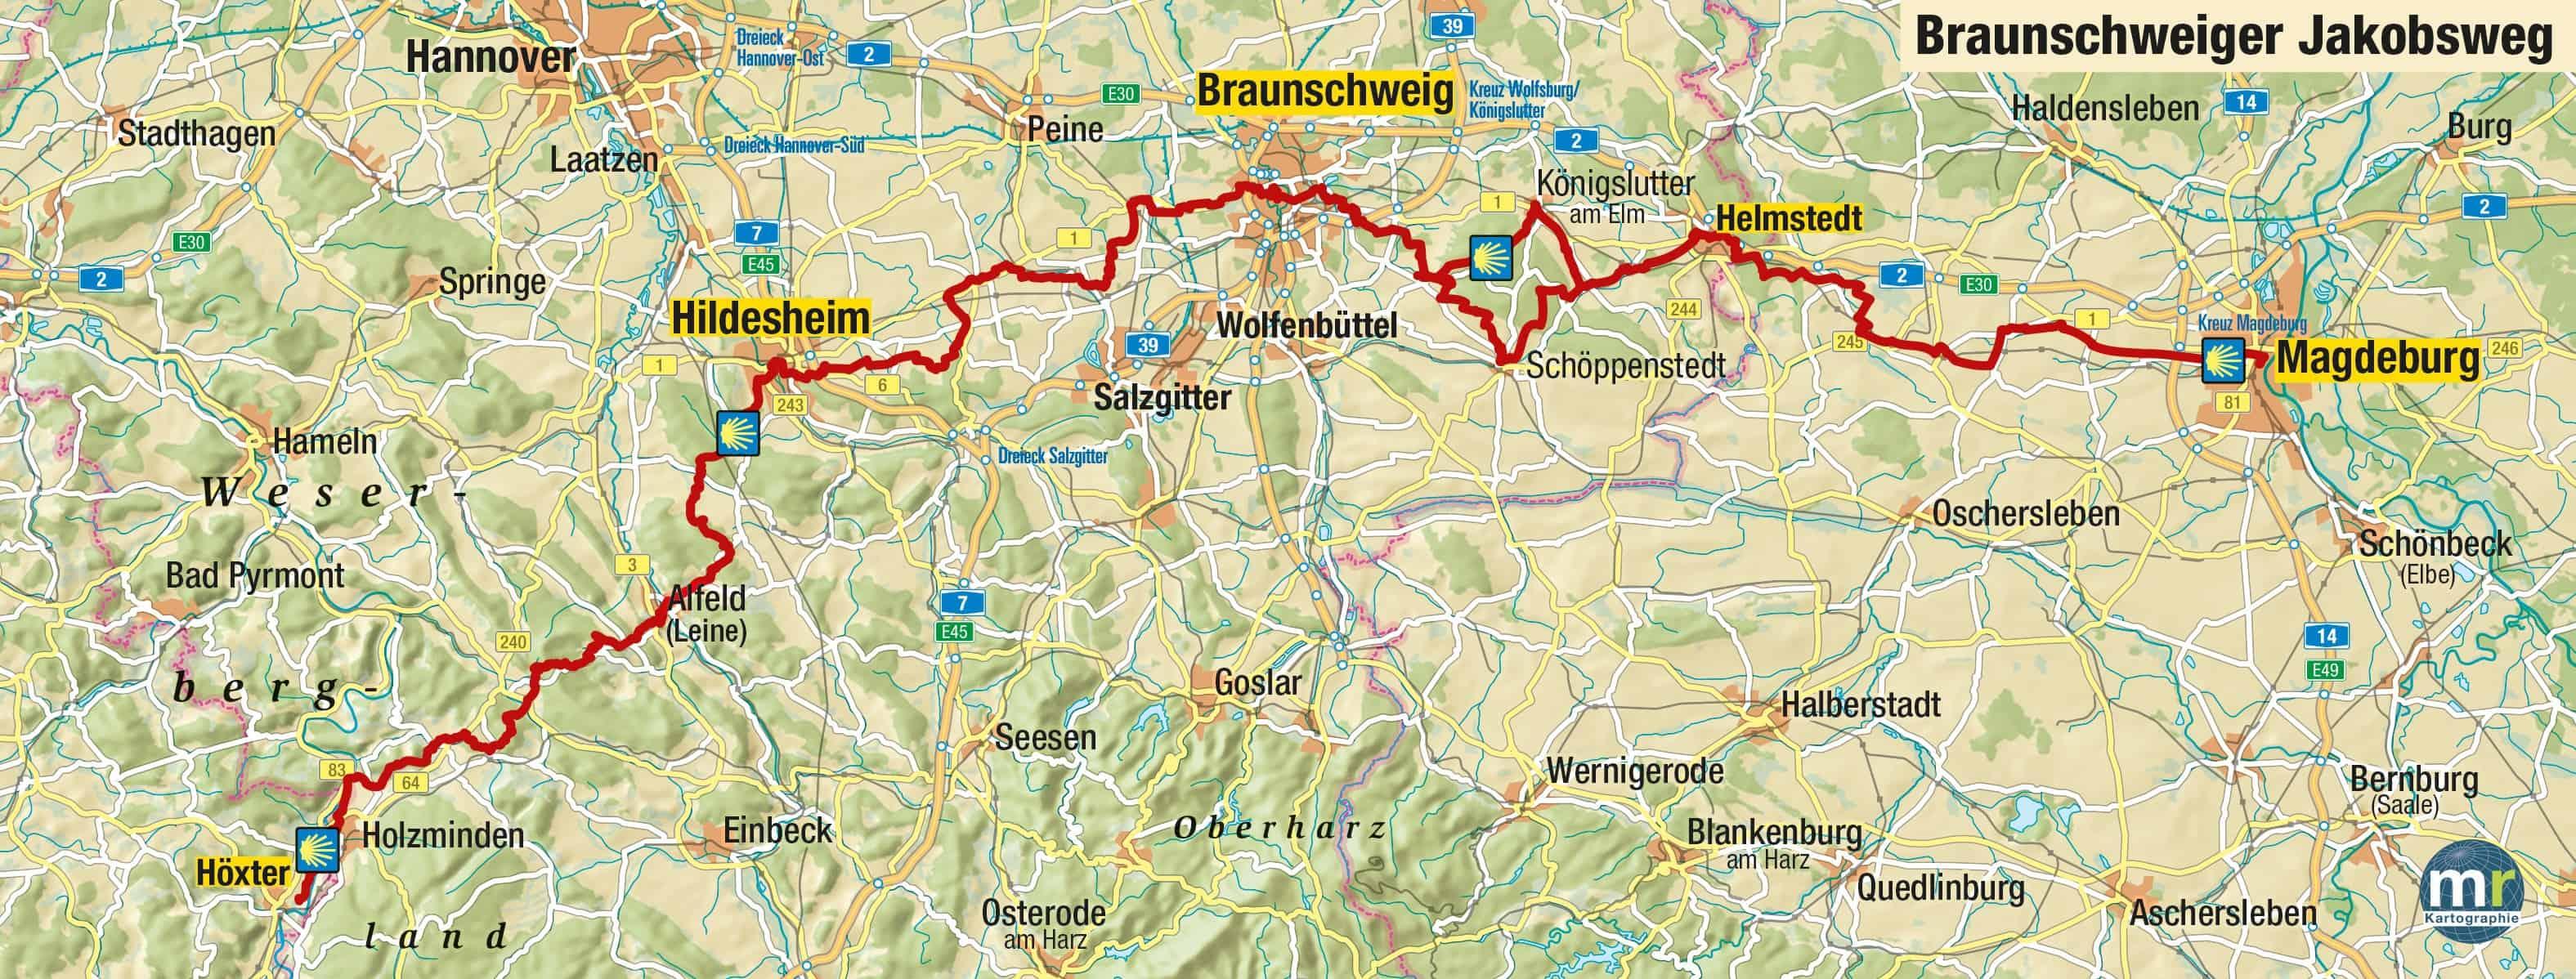 Die Route des Braunschweiger Jakobswegs von Magdeburg bis Höxter. Karte: Ev. Akademie Braunschweig